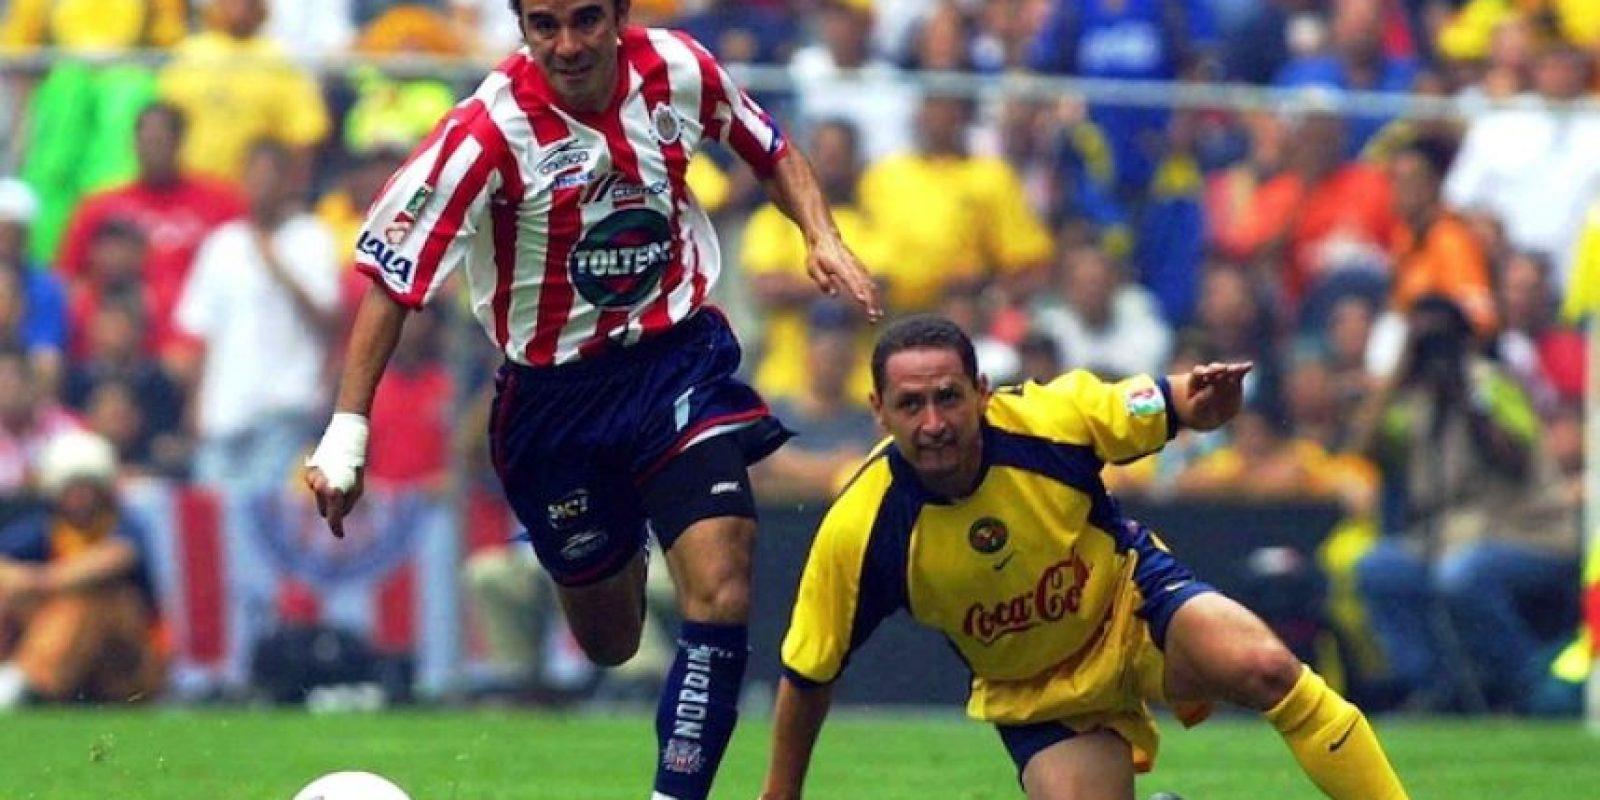 """El """"Gusano"""" disputó varios Clásicos nacionales y regios, pues defendió las camisetas de Chivas, América y Tigres. Foto:Mexsport"""